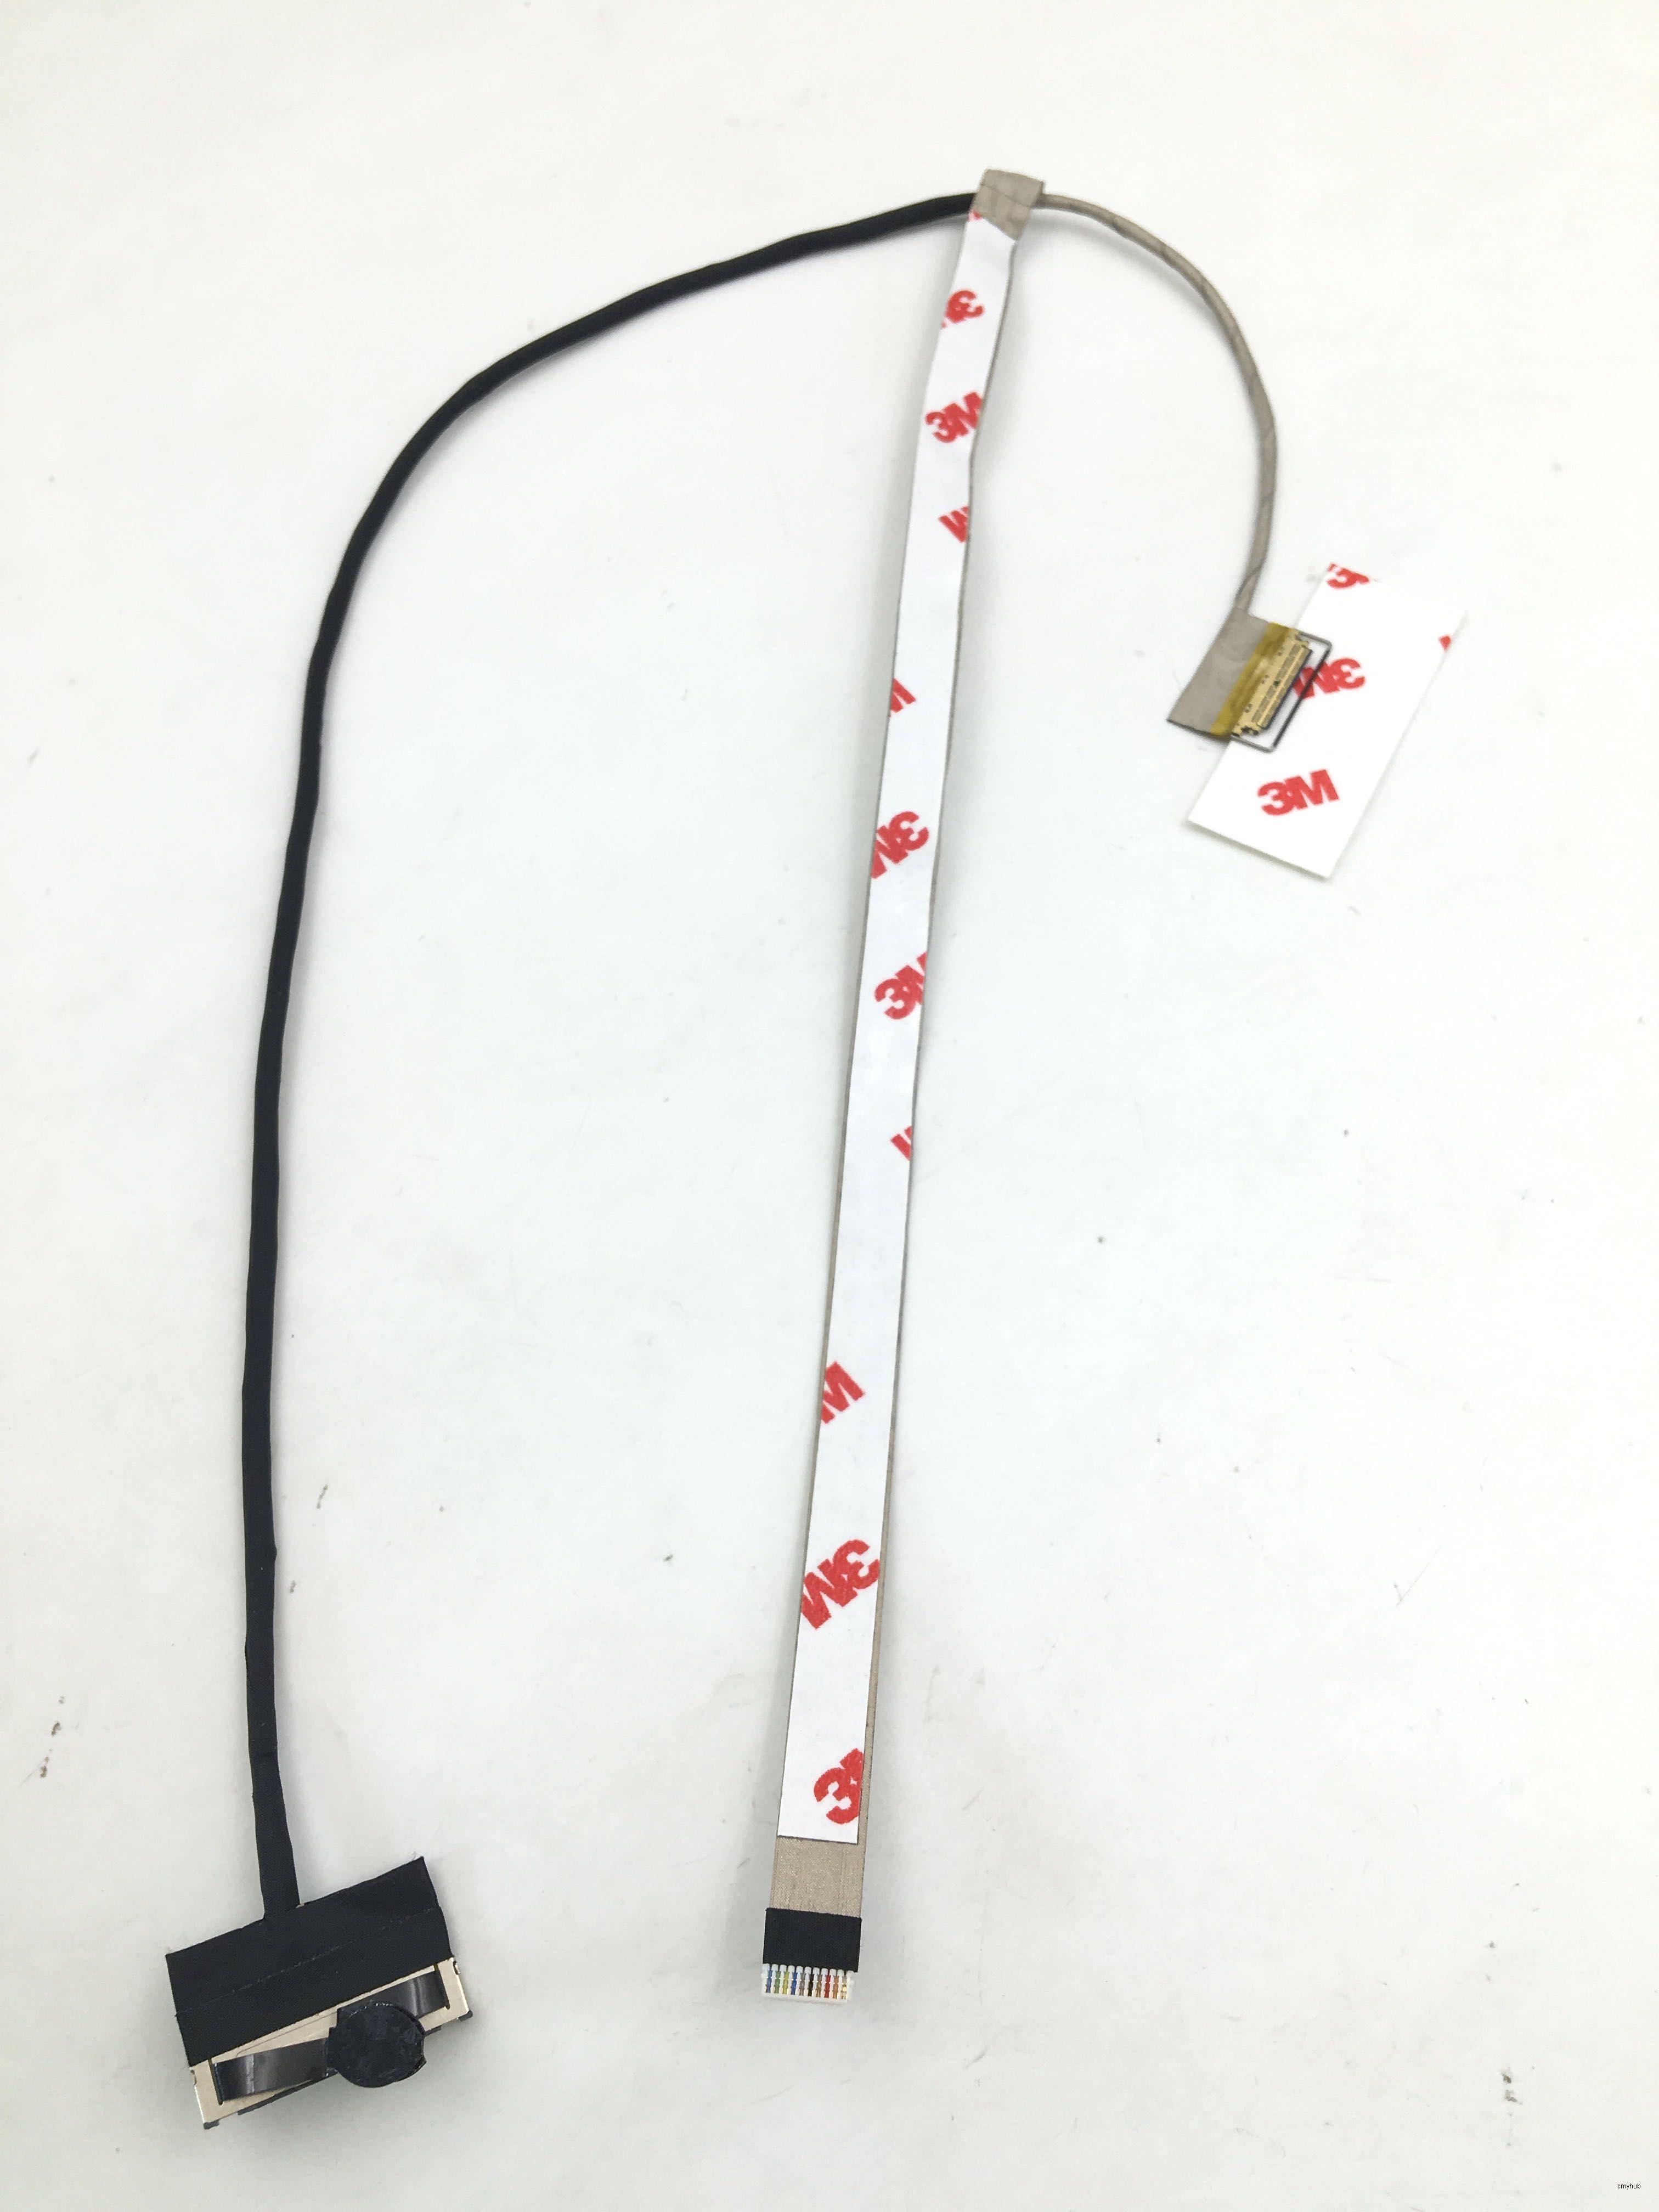 Original LCD Video AAPB0 FHD Cable for DELL Precision 7710 DC02C00AL00 03GPF4